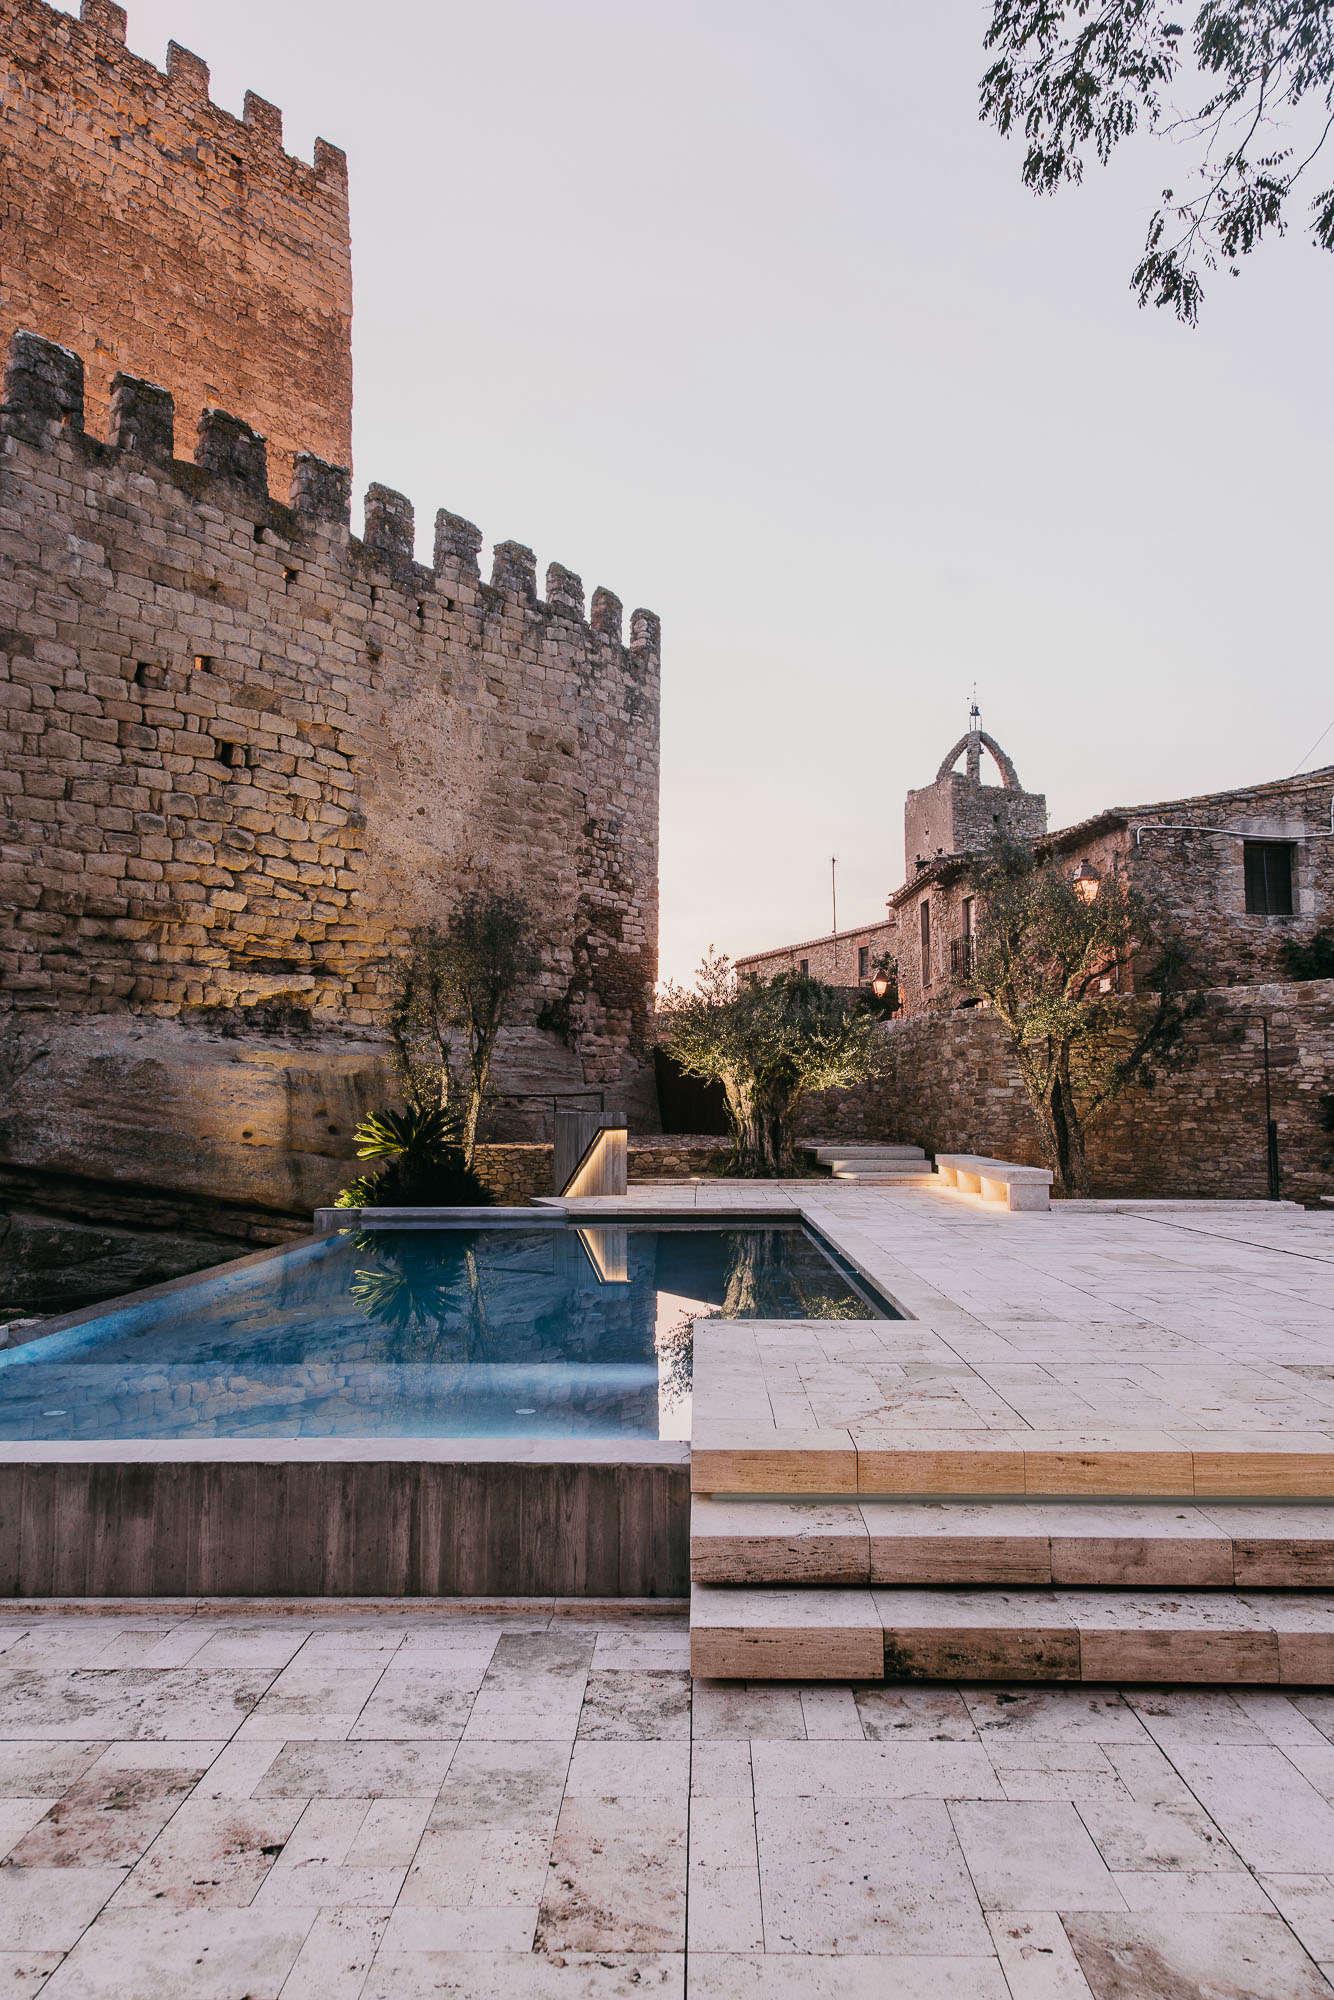 Castell-de-peratallada-pool-gardenista-13